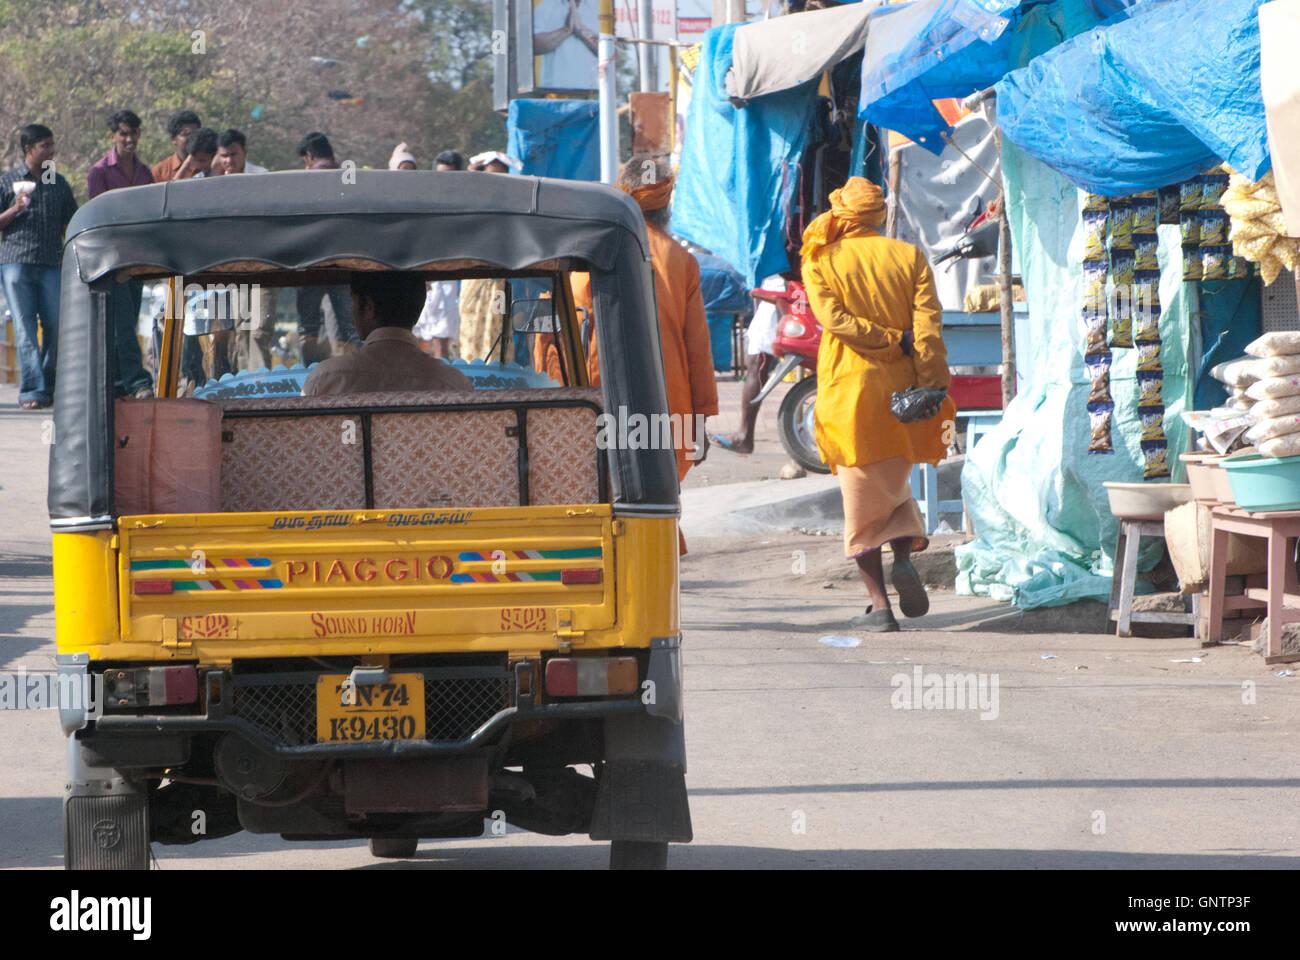 Tut Tut at Ghandi Memorial, Kanyakumari, Tamil Nadu, Southern India, Asia. - Stock Image